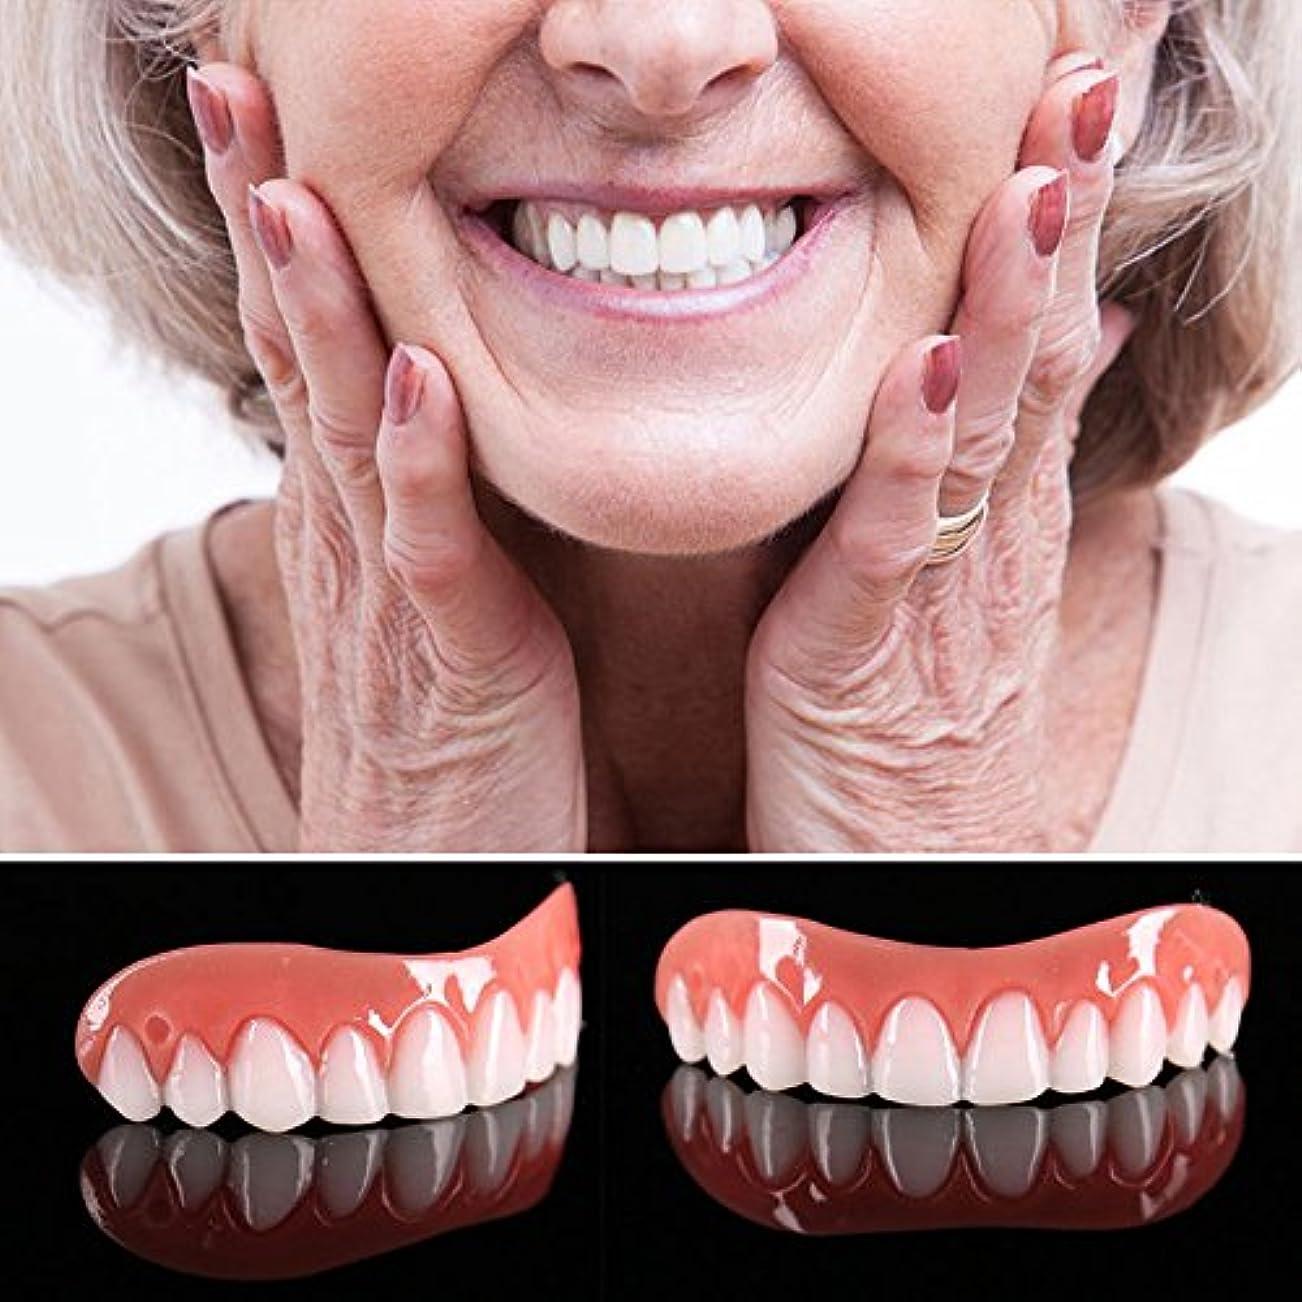 エレガントマーティンルーサーキングジュニアくるくる5ピースアッパーフェイク歯科用ベニアコンフォートフィット歯トップ化粧品ベニアワンサイズフィットすべての義歯接着剤歯偽義歯歯笑顔